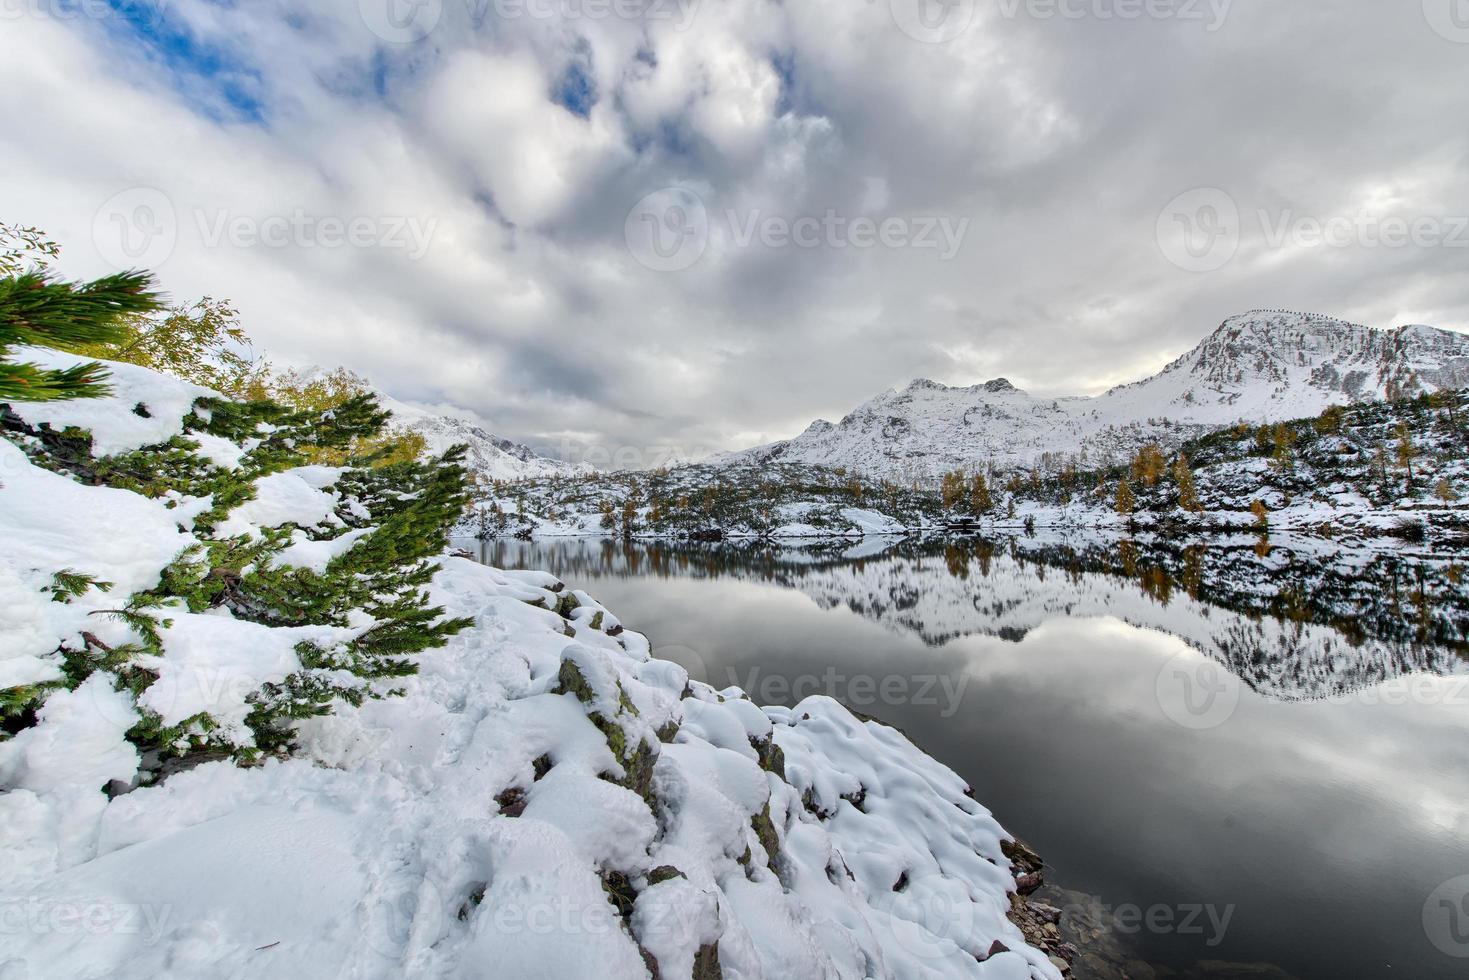 marcher au bord du lac alpin avec de la neige photo